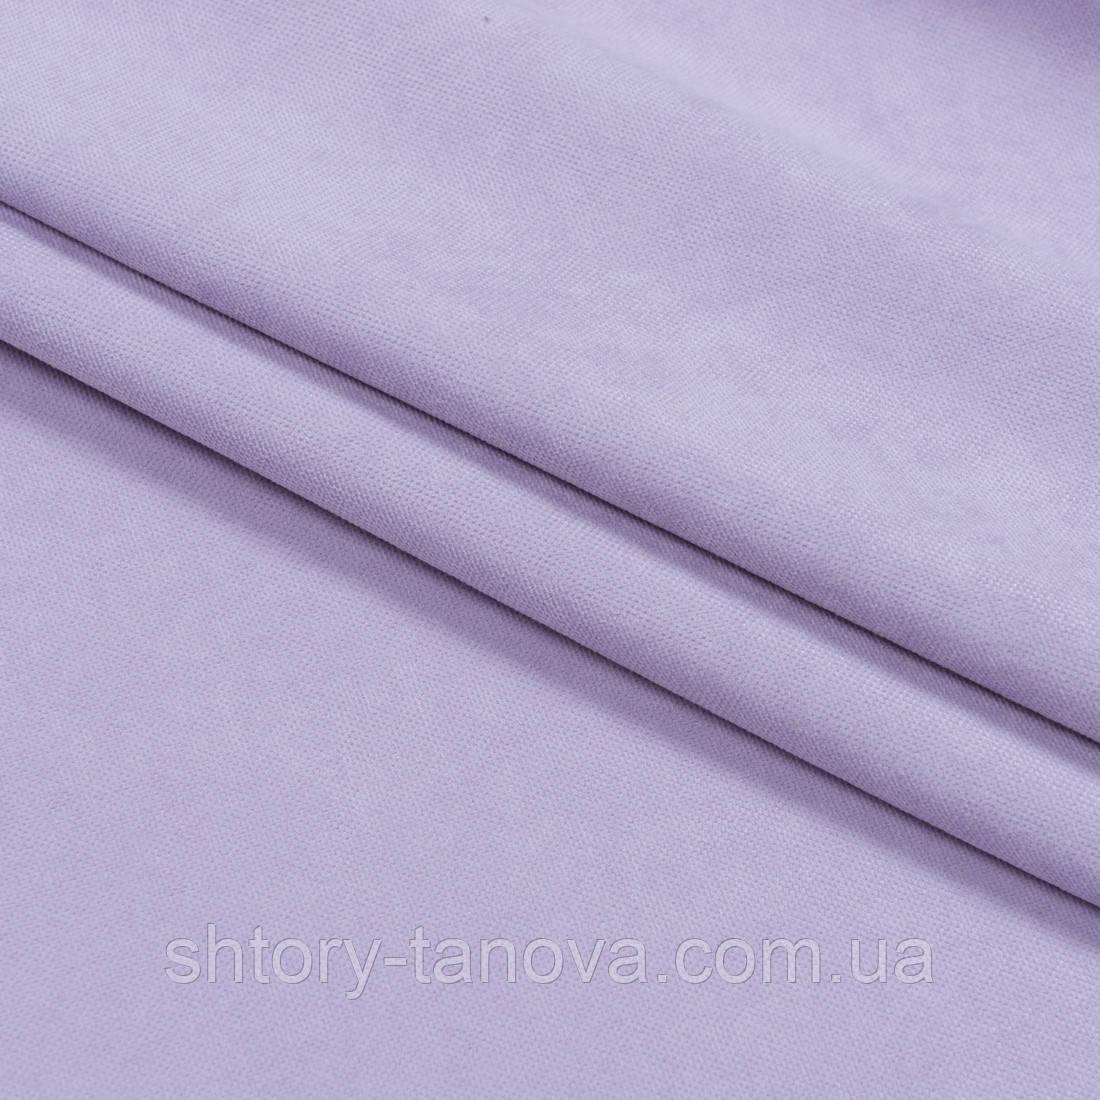 Нубук ткань для штор  лаванда